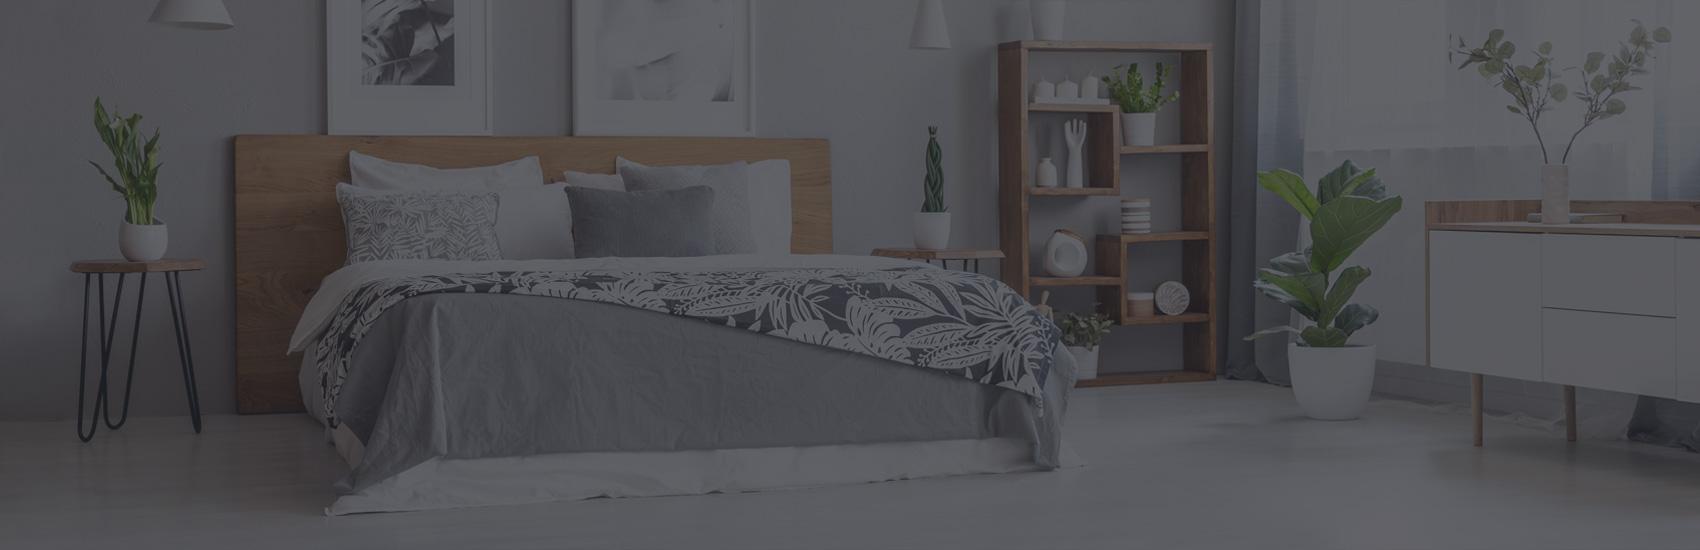 Fabriquez vous-même une tête de lit originale!